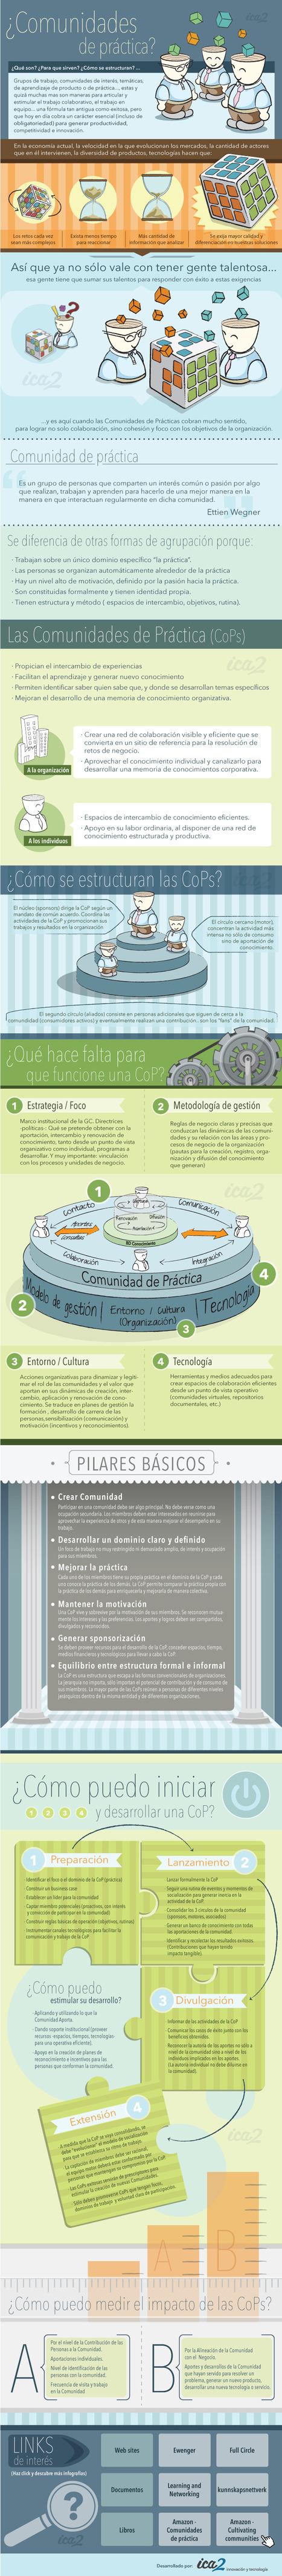 Educación tecnológica: ¿Comunidades de prácticas en Educación? | Herramientas y Recursos Tecnológicos | Scoop.it